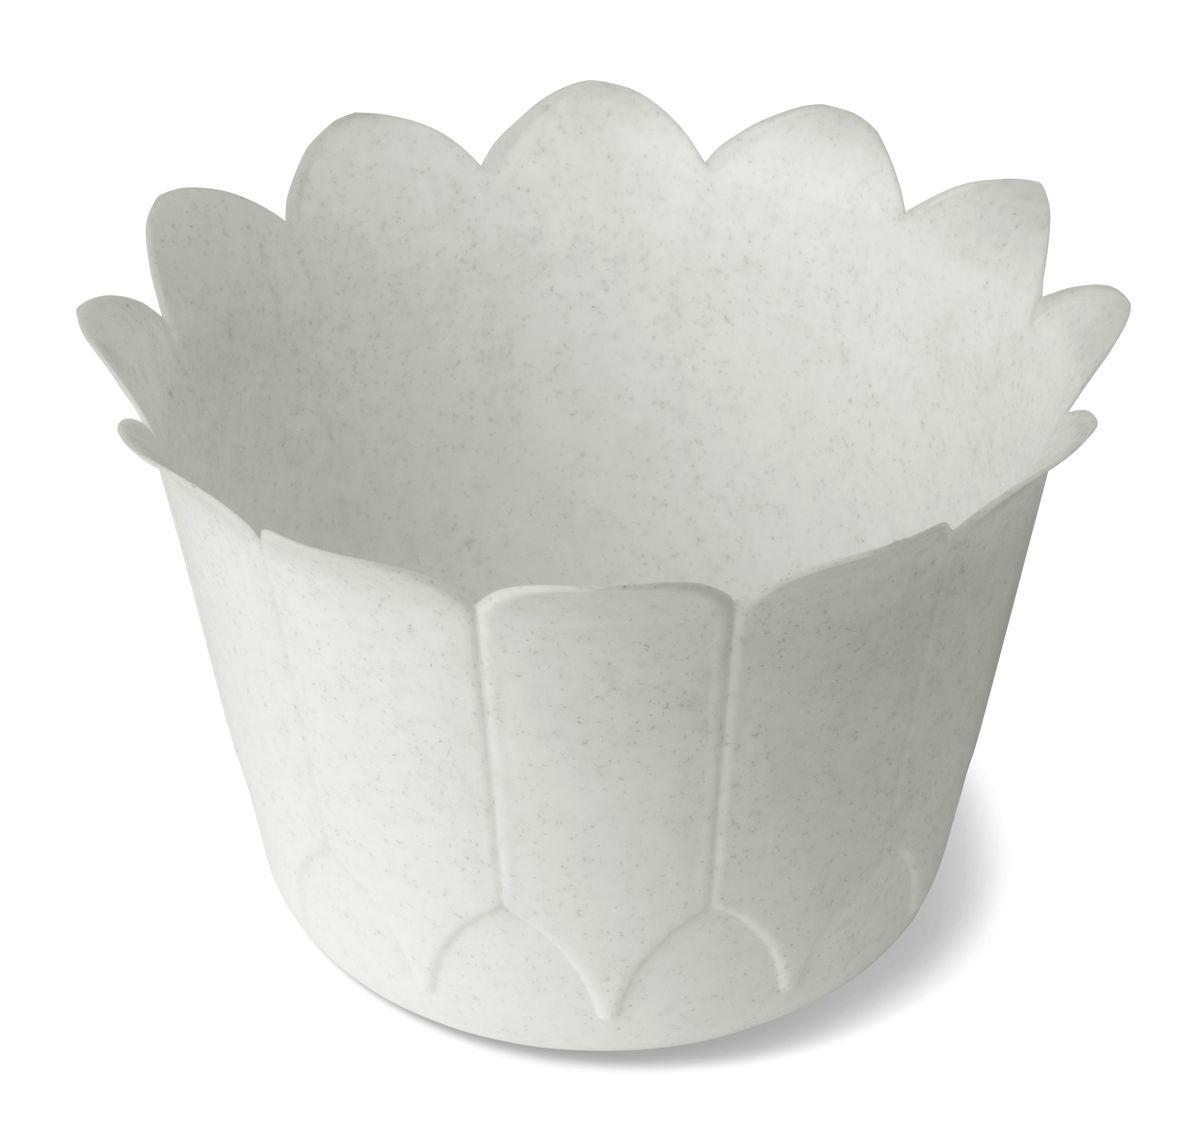 Кашпо Martika Ромашка, диаметр 15 см531-105Пластиковое изделие для дома, соответствующее всем необходимым санитарным нормам и стандартам качества. Изготовлено для цветоводства и растениеводства. Рекомендуется для выращивания растений дома и на приусадебных участках.